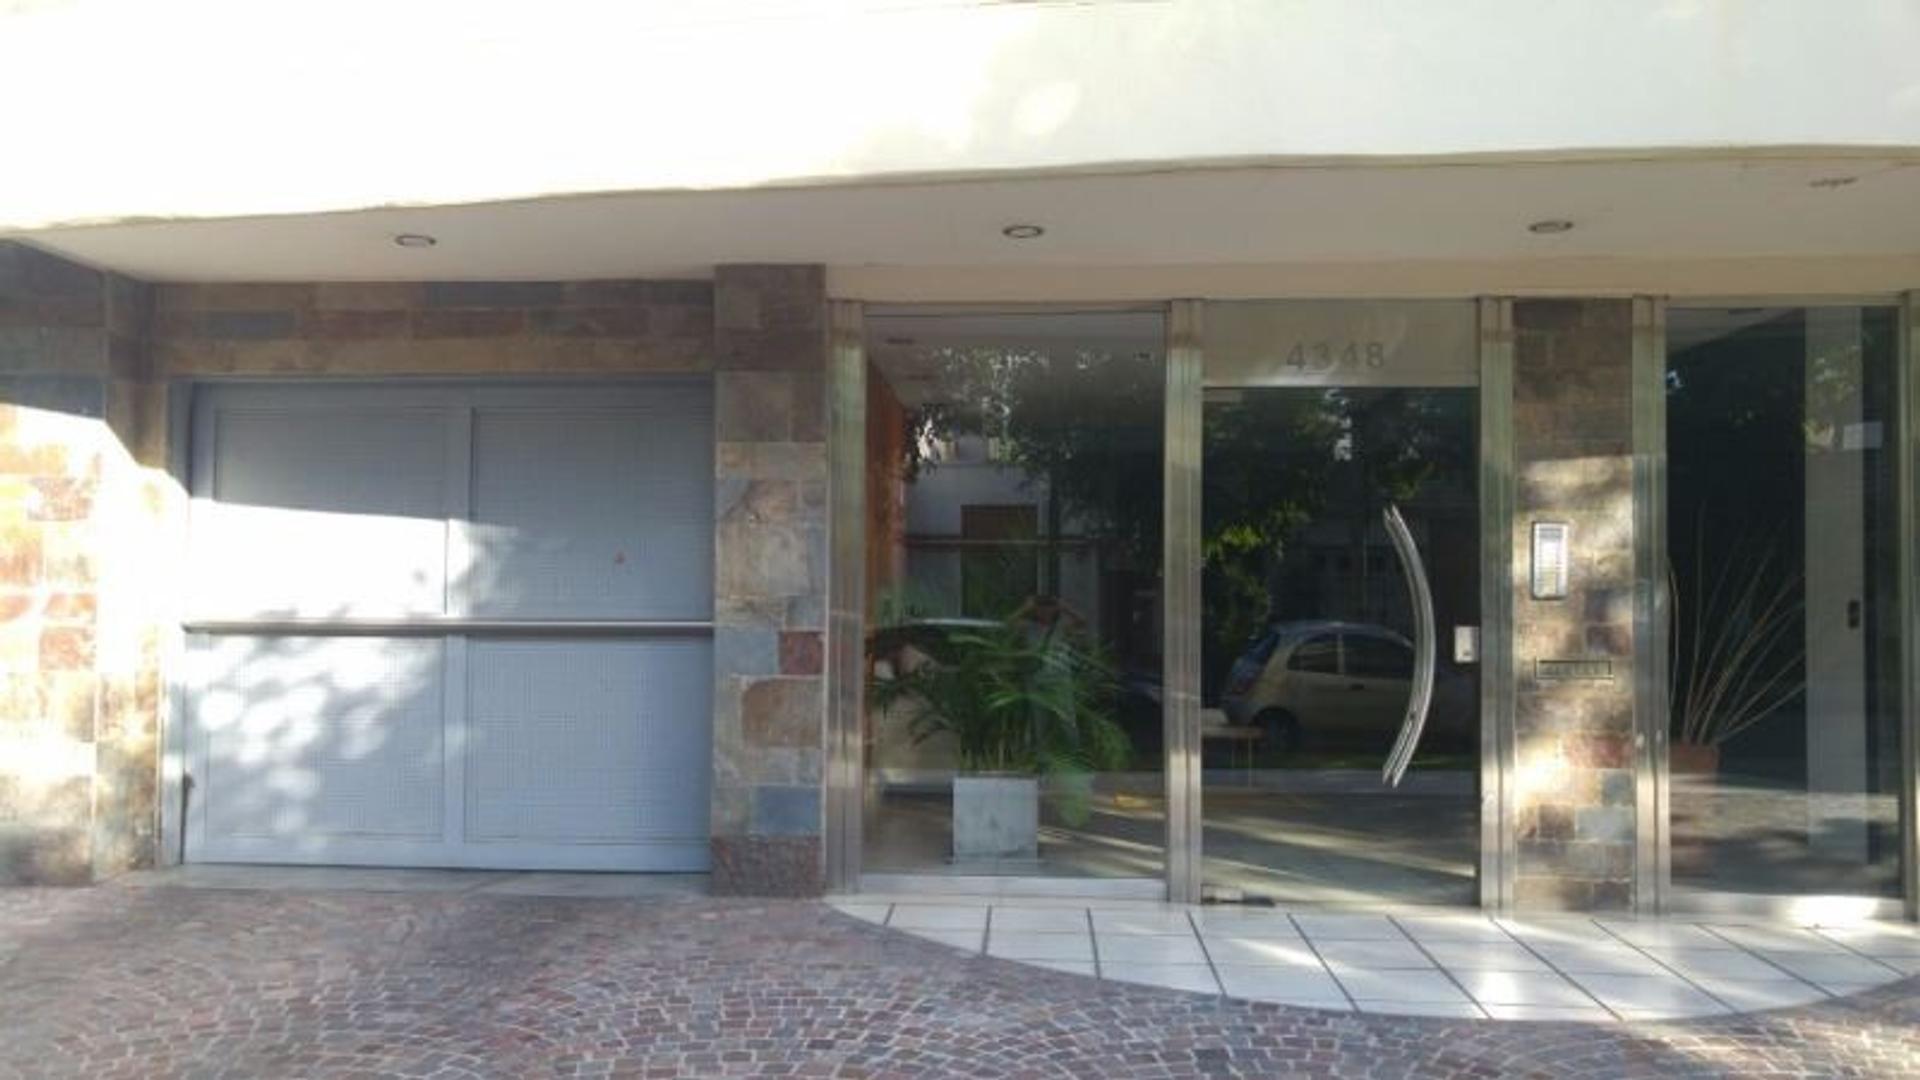 Villa Devoto, espectacular depto 2 ambientes con balcon, terraza propia, quincho, cochera cubierta